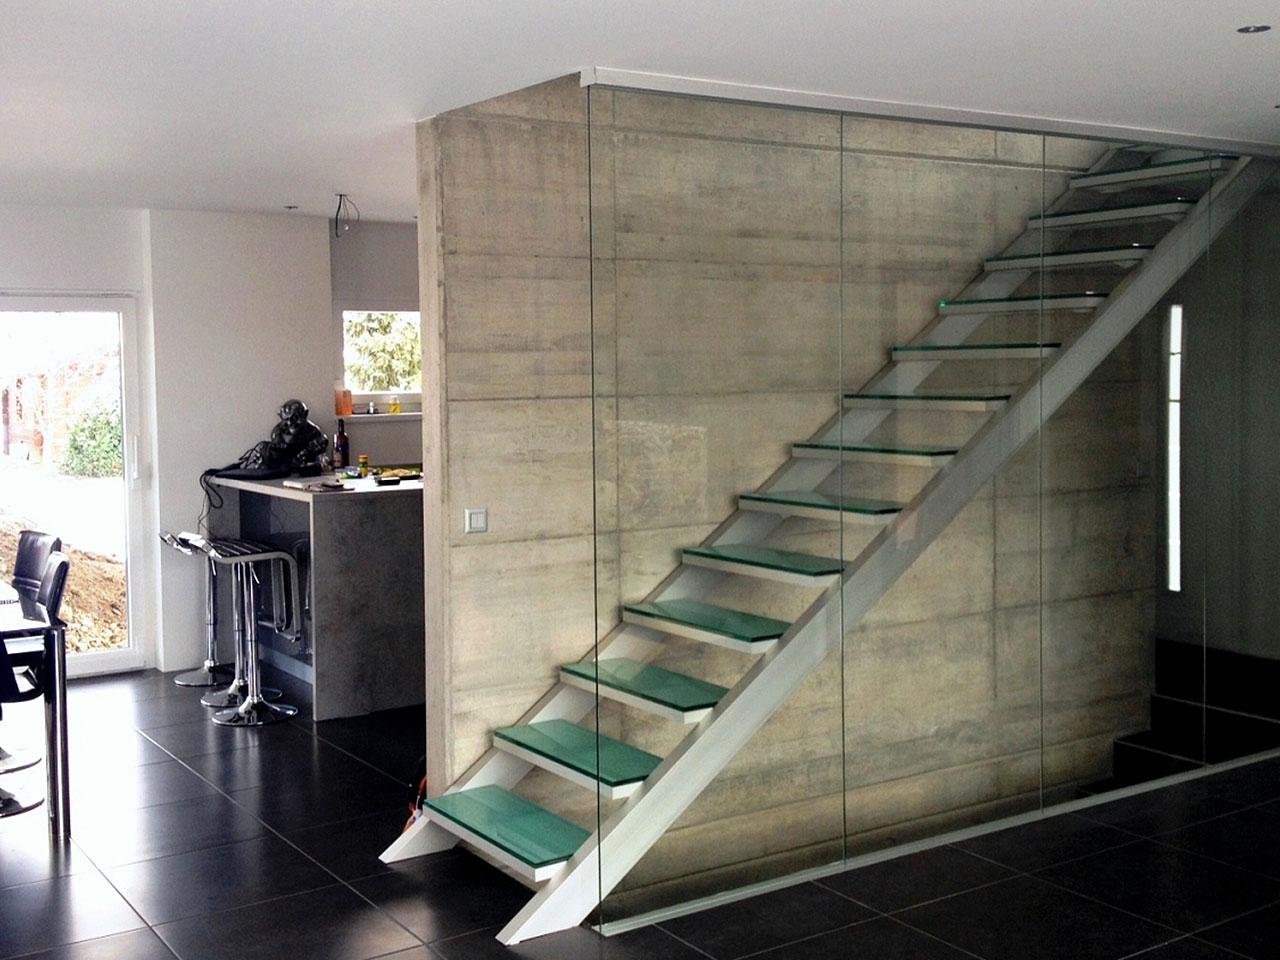 Treppenbeispiel einer Aluminiumtreppe